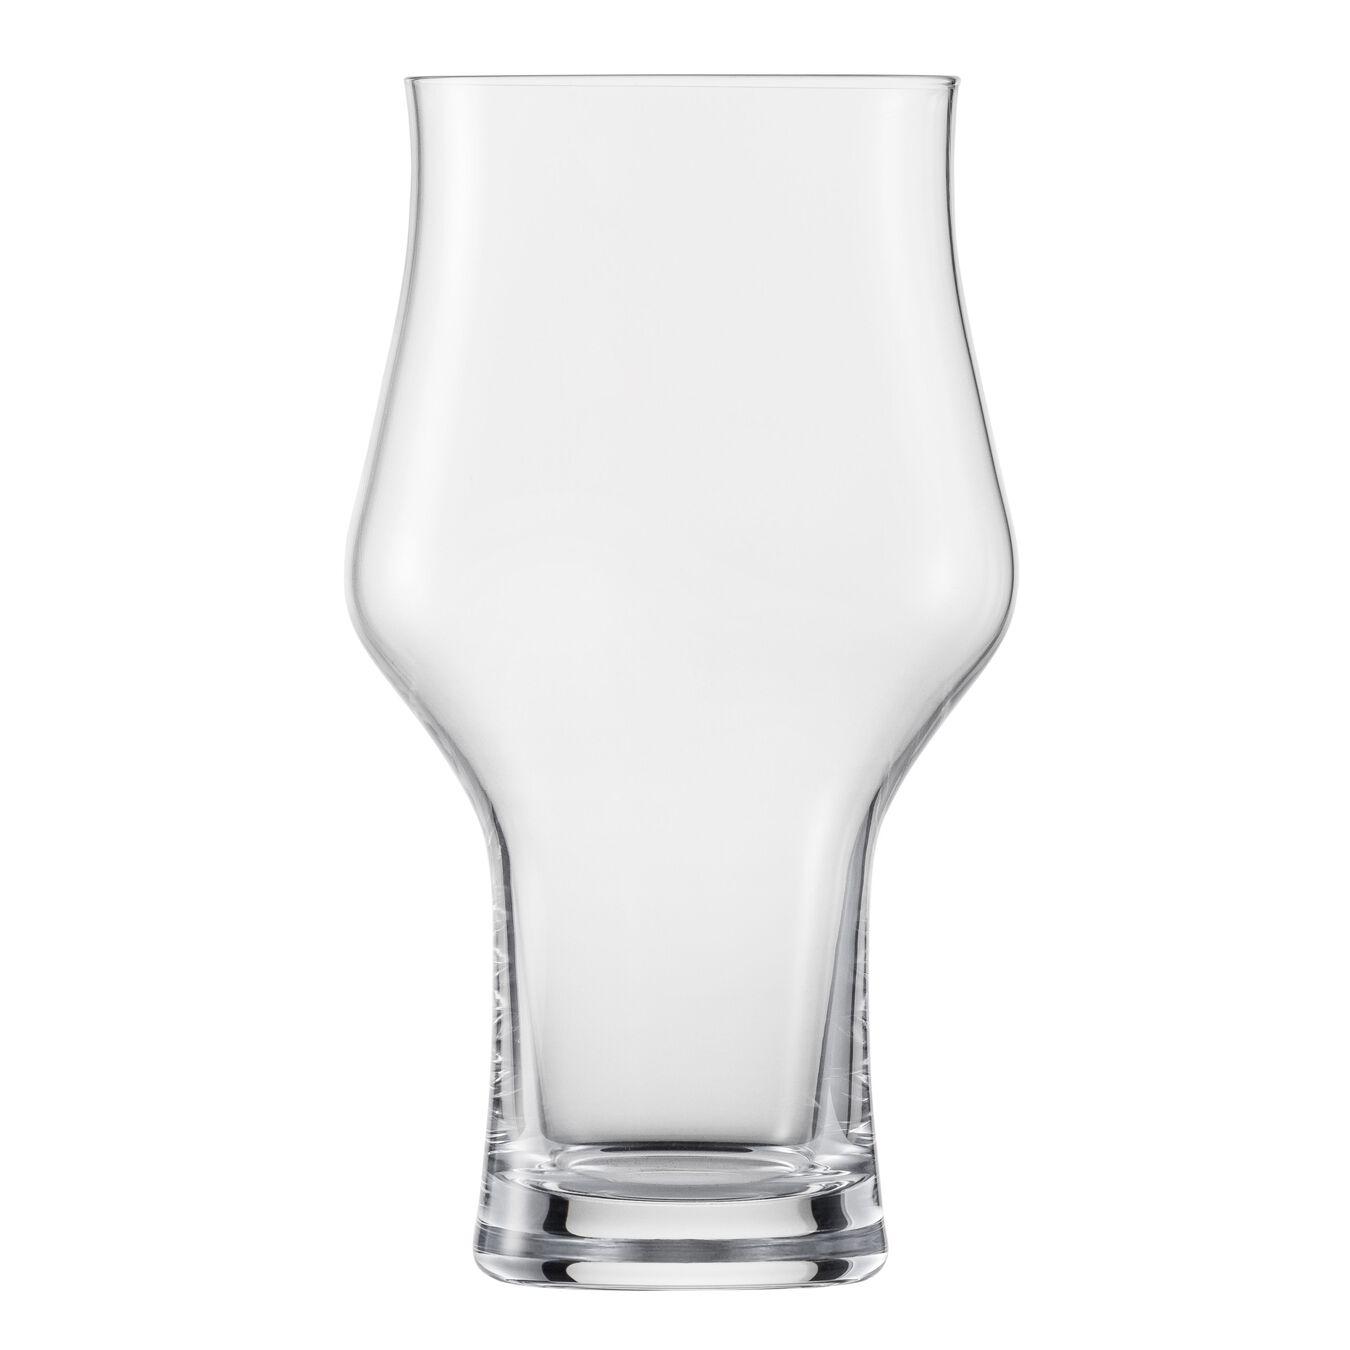 Bira Bardağı, 480 ml,,large 1